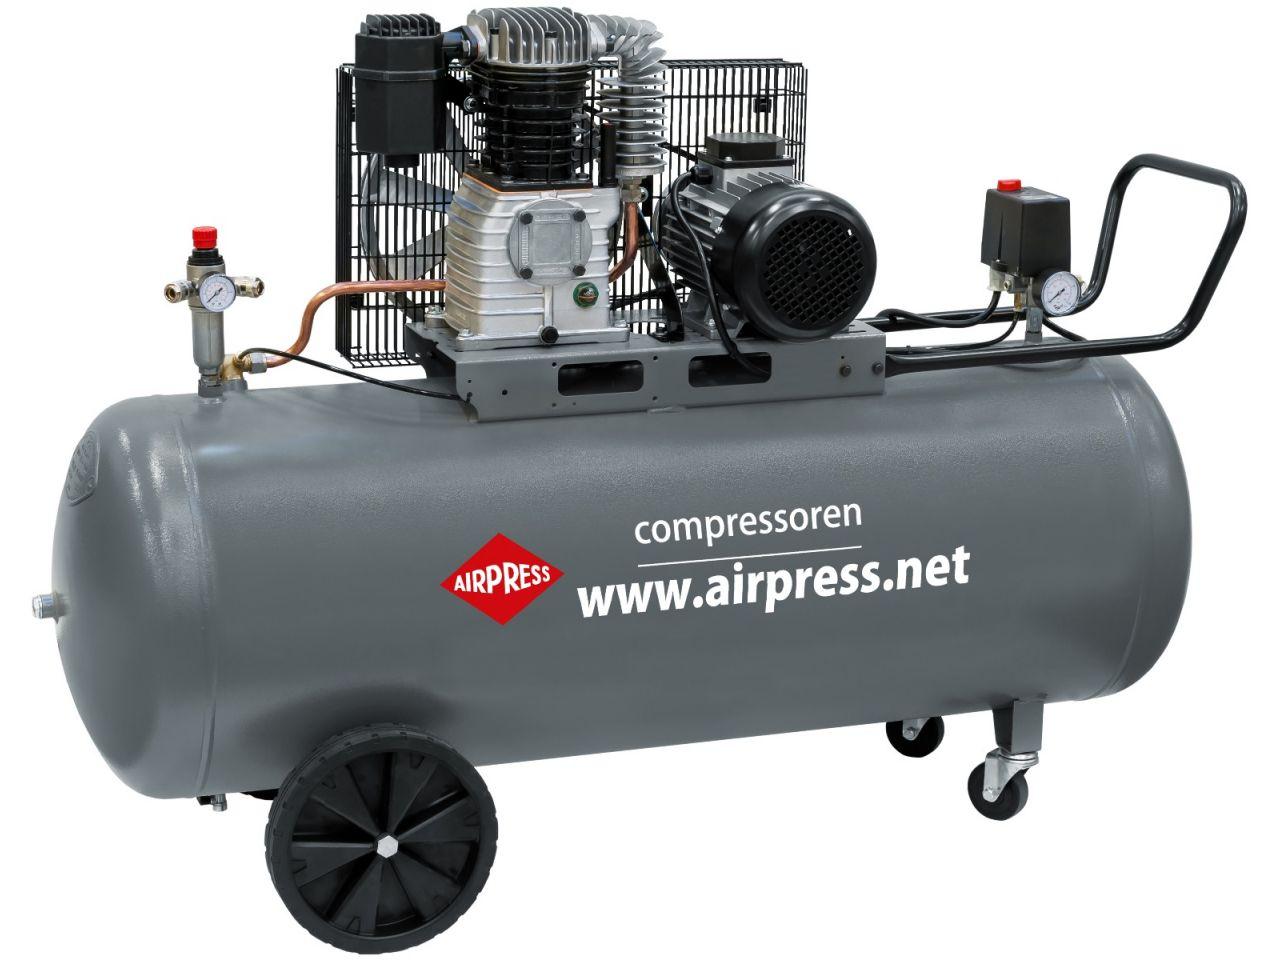 Compressor HK 600/200